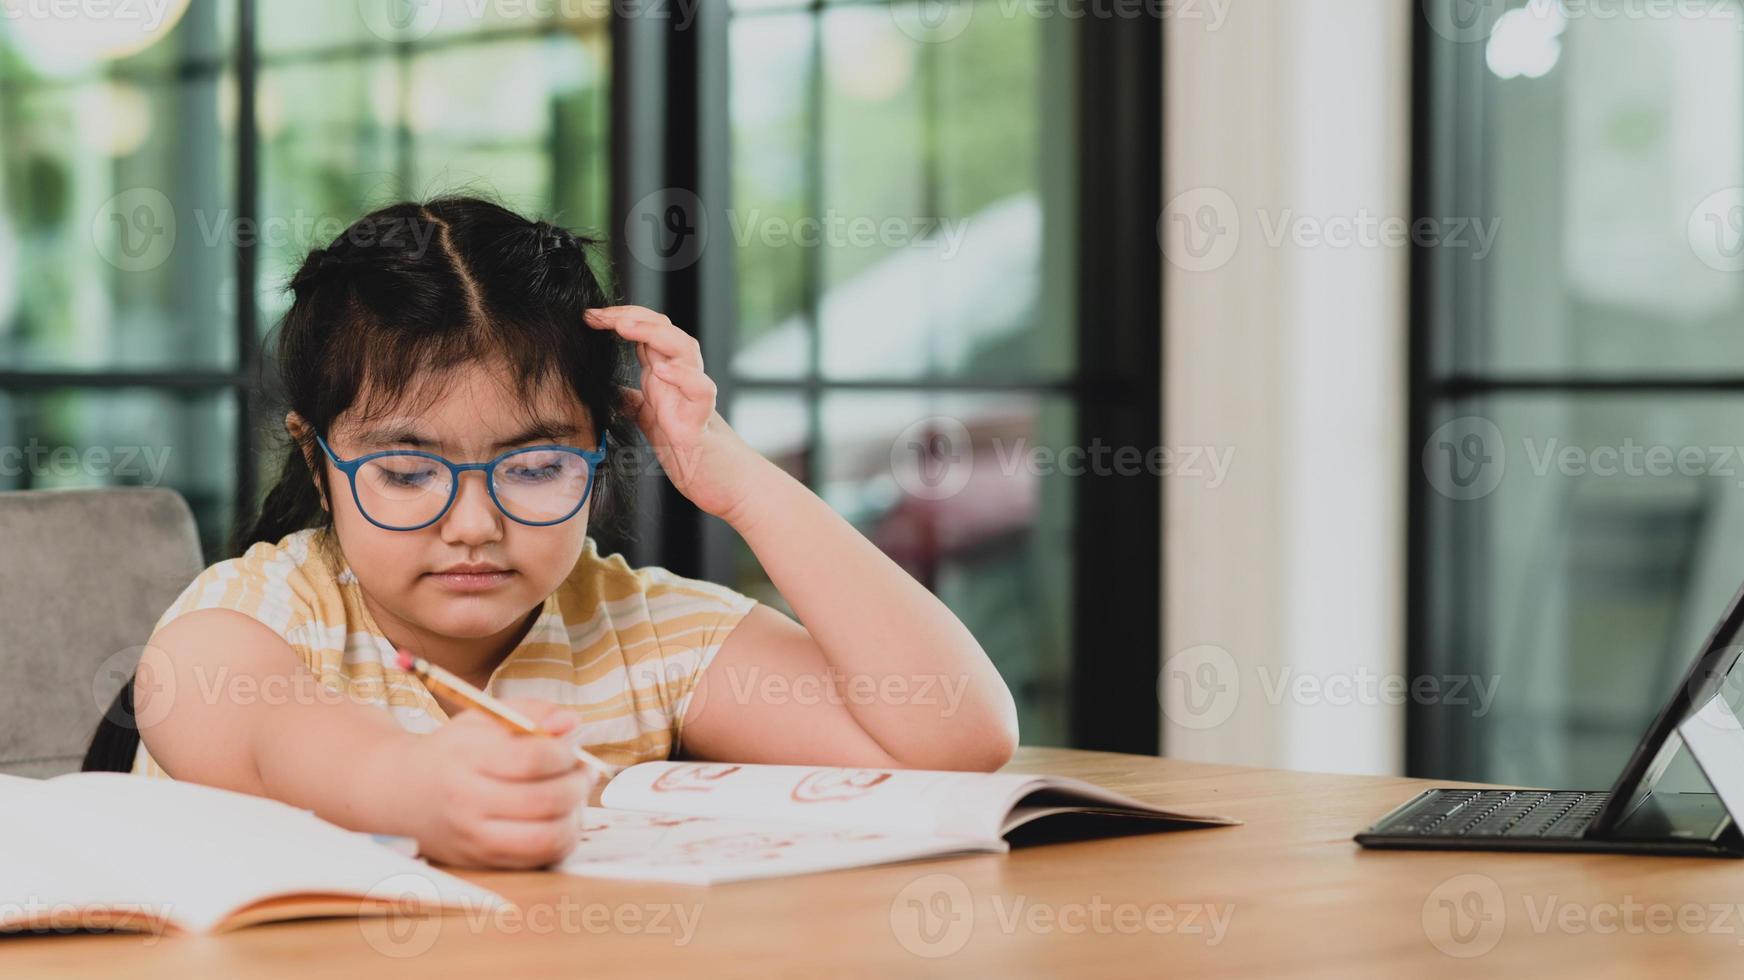 uma menina de óculos está desenhando em um caderno com um tablet. foto